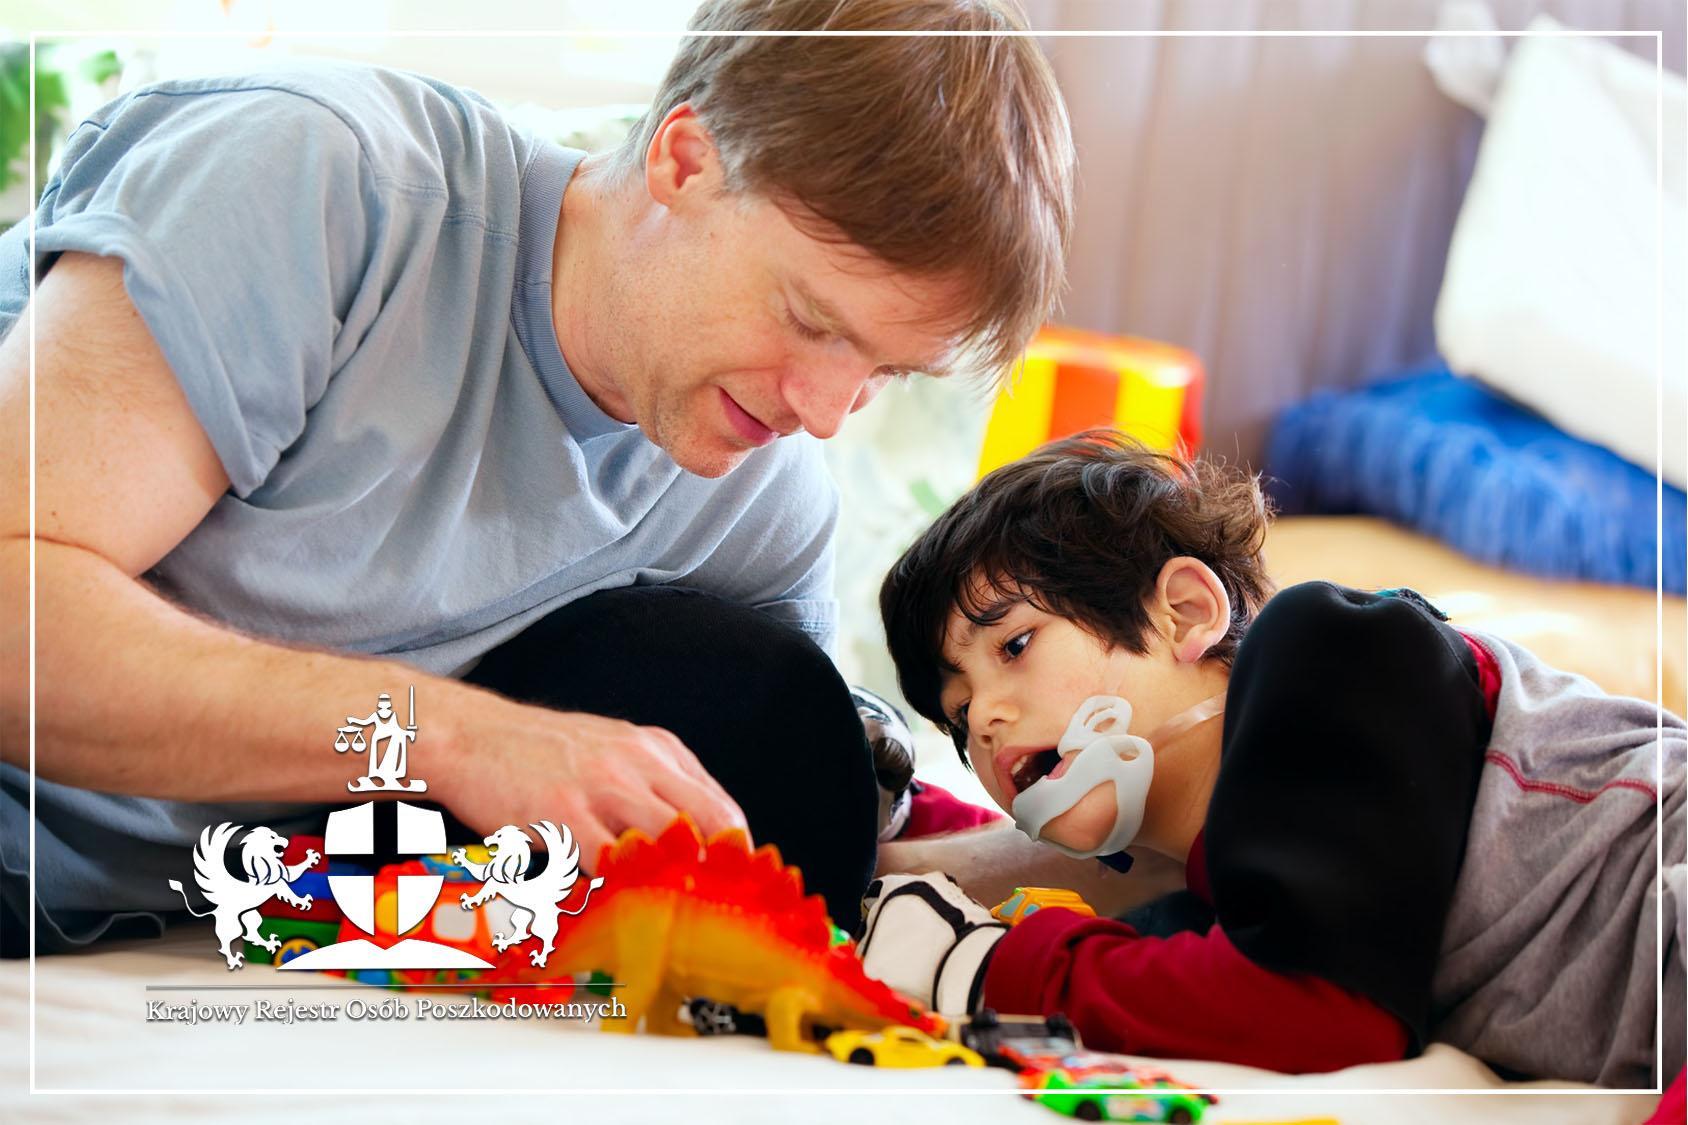 Mózgowe porażenie dziecięce zaburzenia współwystępujące